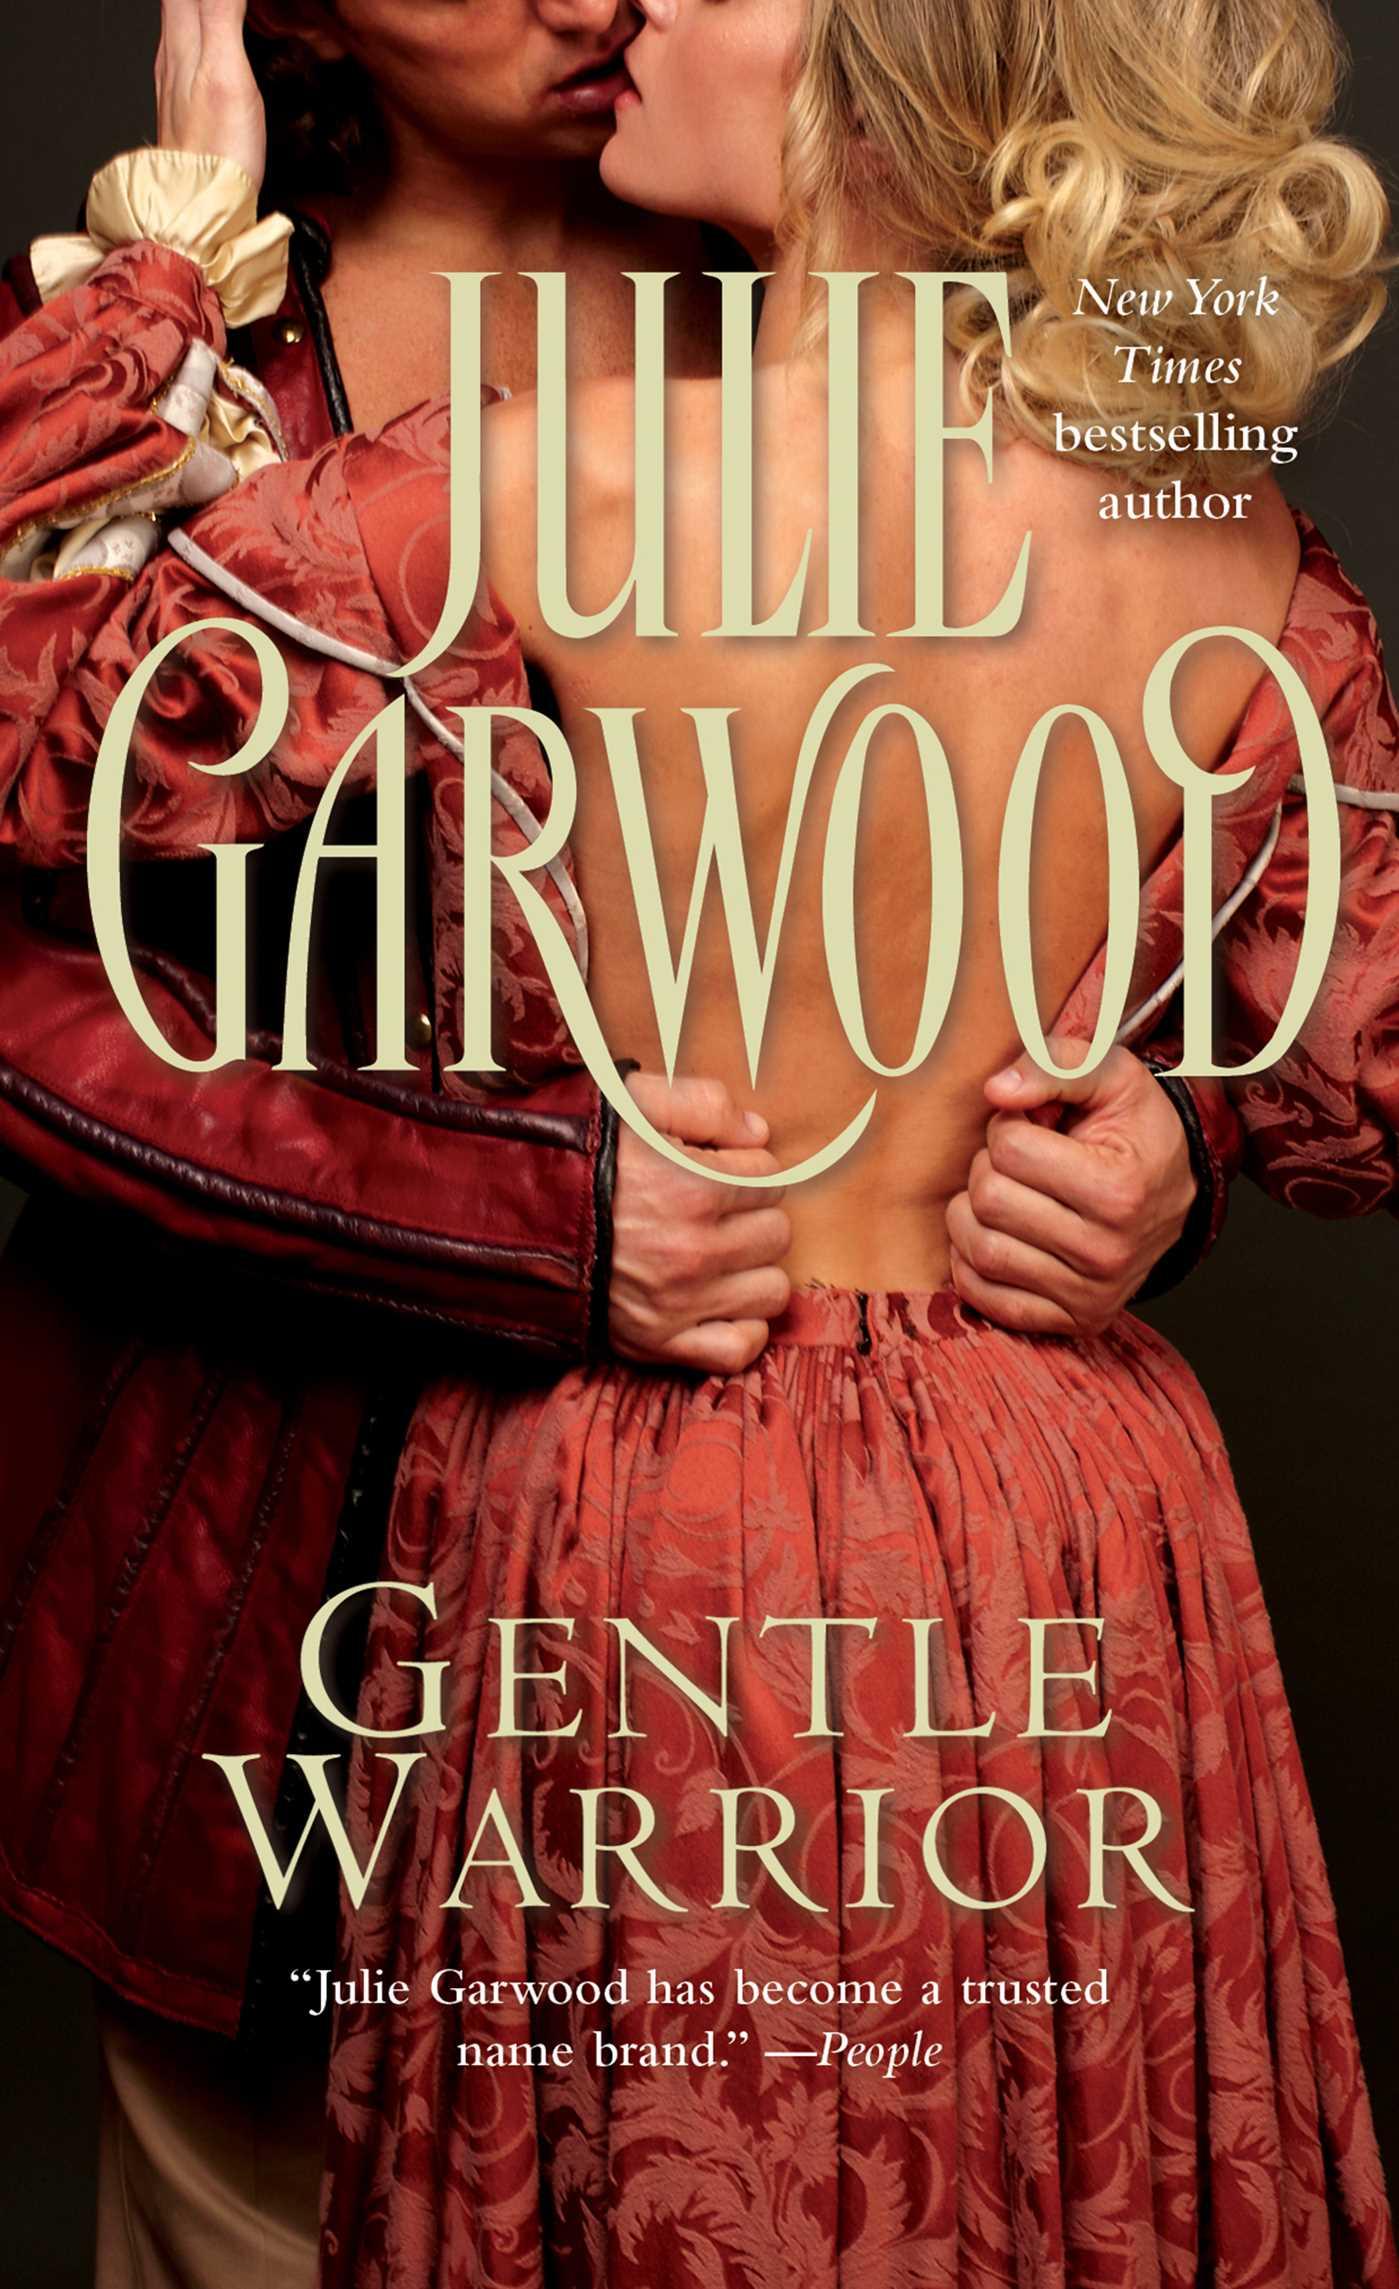 Read Gentle Warrior By Julie Garwood